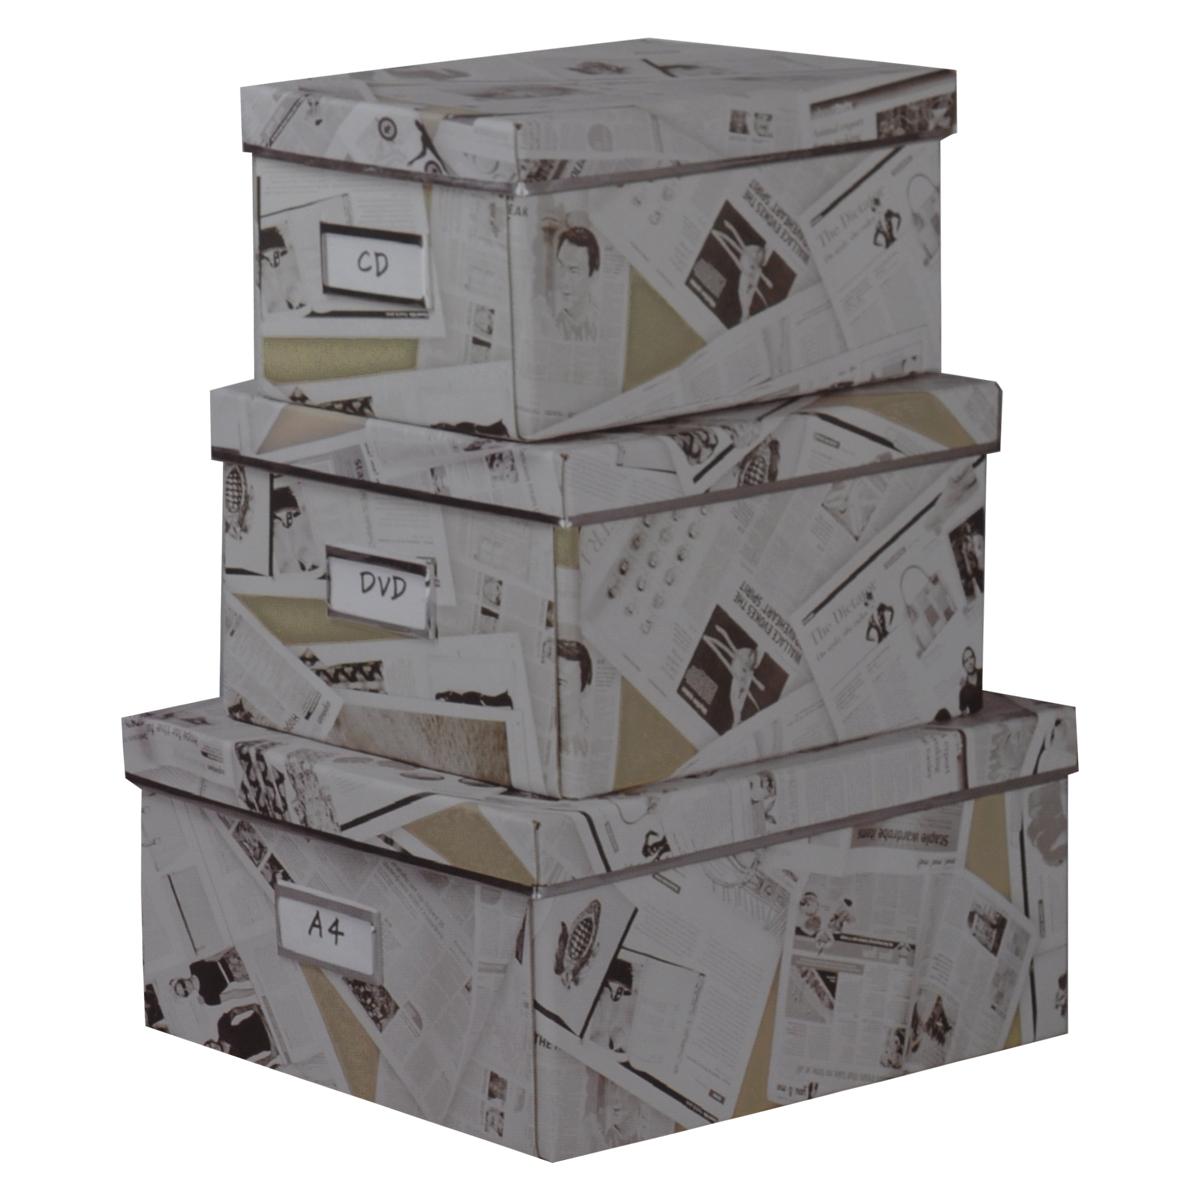 Набор коробок для хранения Газета, цвет: серый, белый, 3 штES-412Кофры для хранения Газета прекрасно подойдут для хранения личных вещей, различных аксессуаров, а также бытовых предметов. В комплекте 3 прямоугольных кофра разного размера, с крышками. Изделия выполнены из плотного картона, внешняя поверхность оформлена оригинальным принтом газета. Каждая из коробок снабжена специальным окошком, куда можно поместить стикер с пометкой содержимого. Эстетичный дизайн позволит набору гармонично вписаться в любой интерьер.Размер малого кофра: 16 см х 28 см х 14 см. Размер среднего кофра: 21 см х 28 см х 15 см. Размер большого кофра: 25 см х 36 см х 15 см.